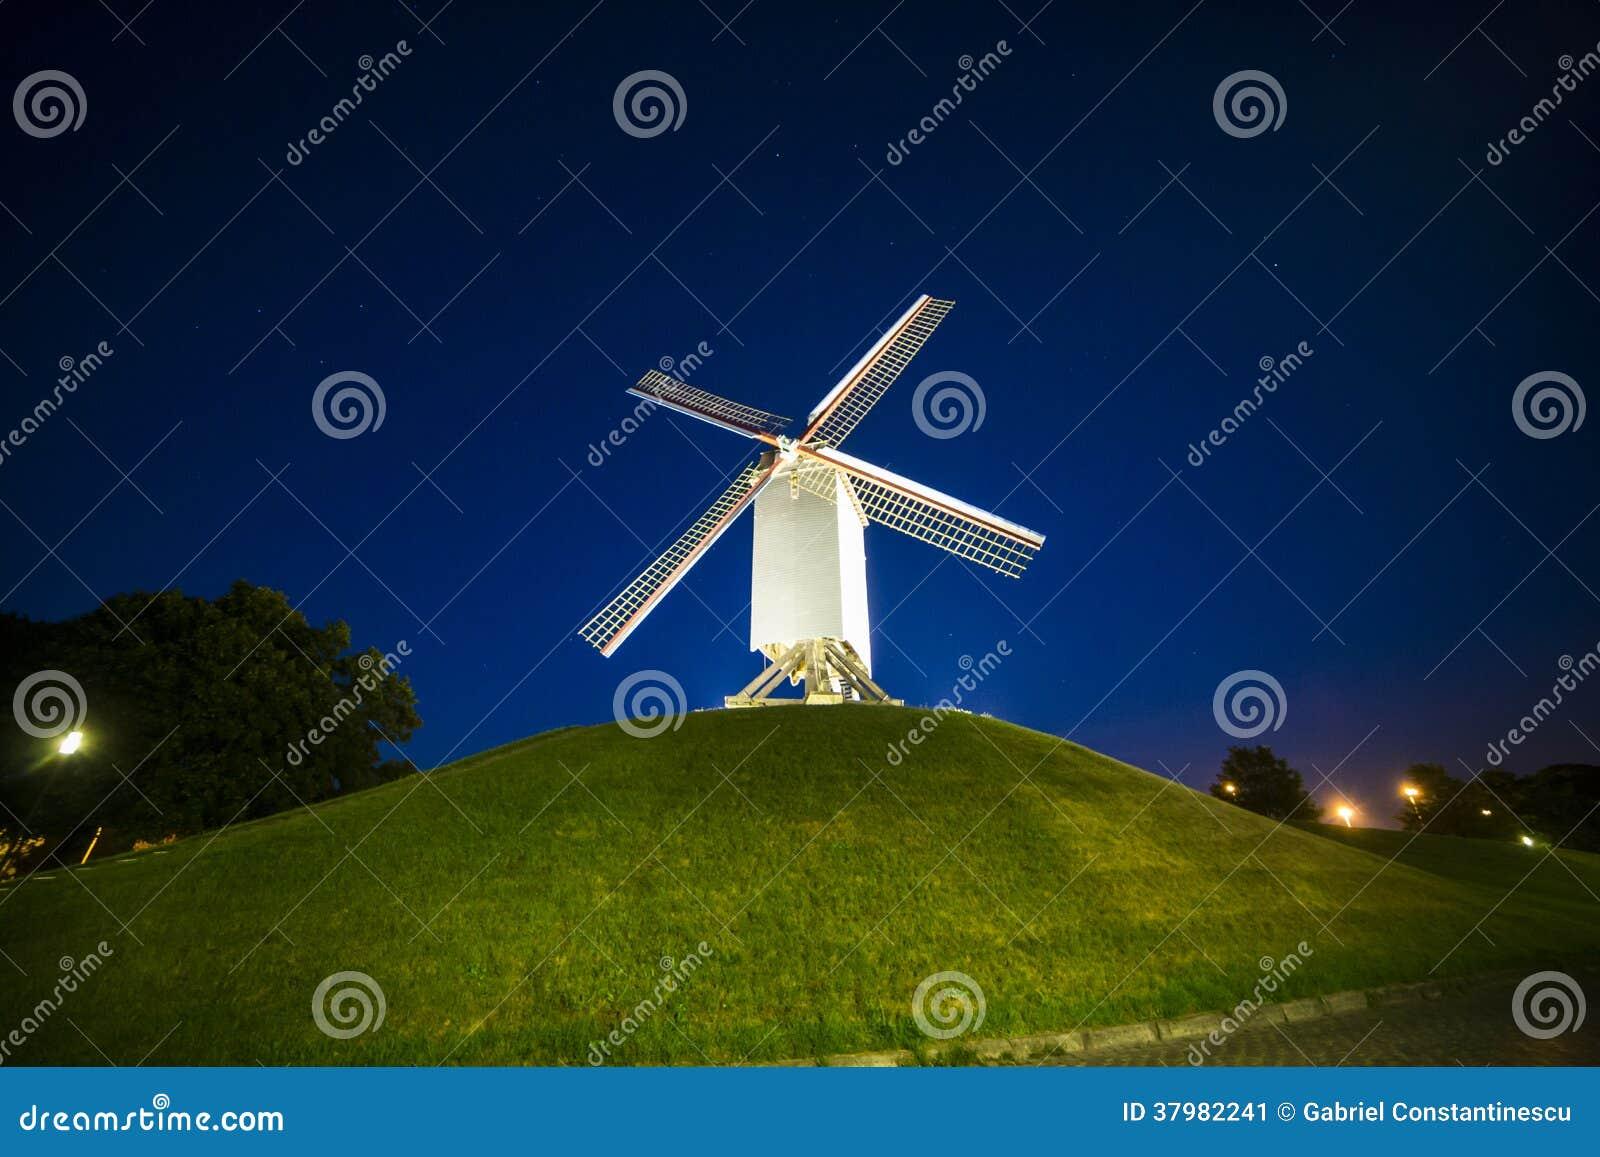 Wind mill at night